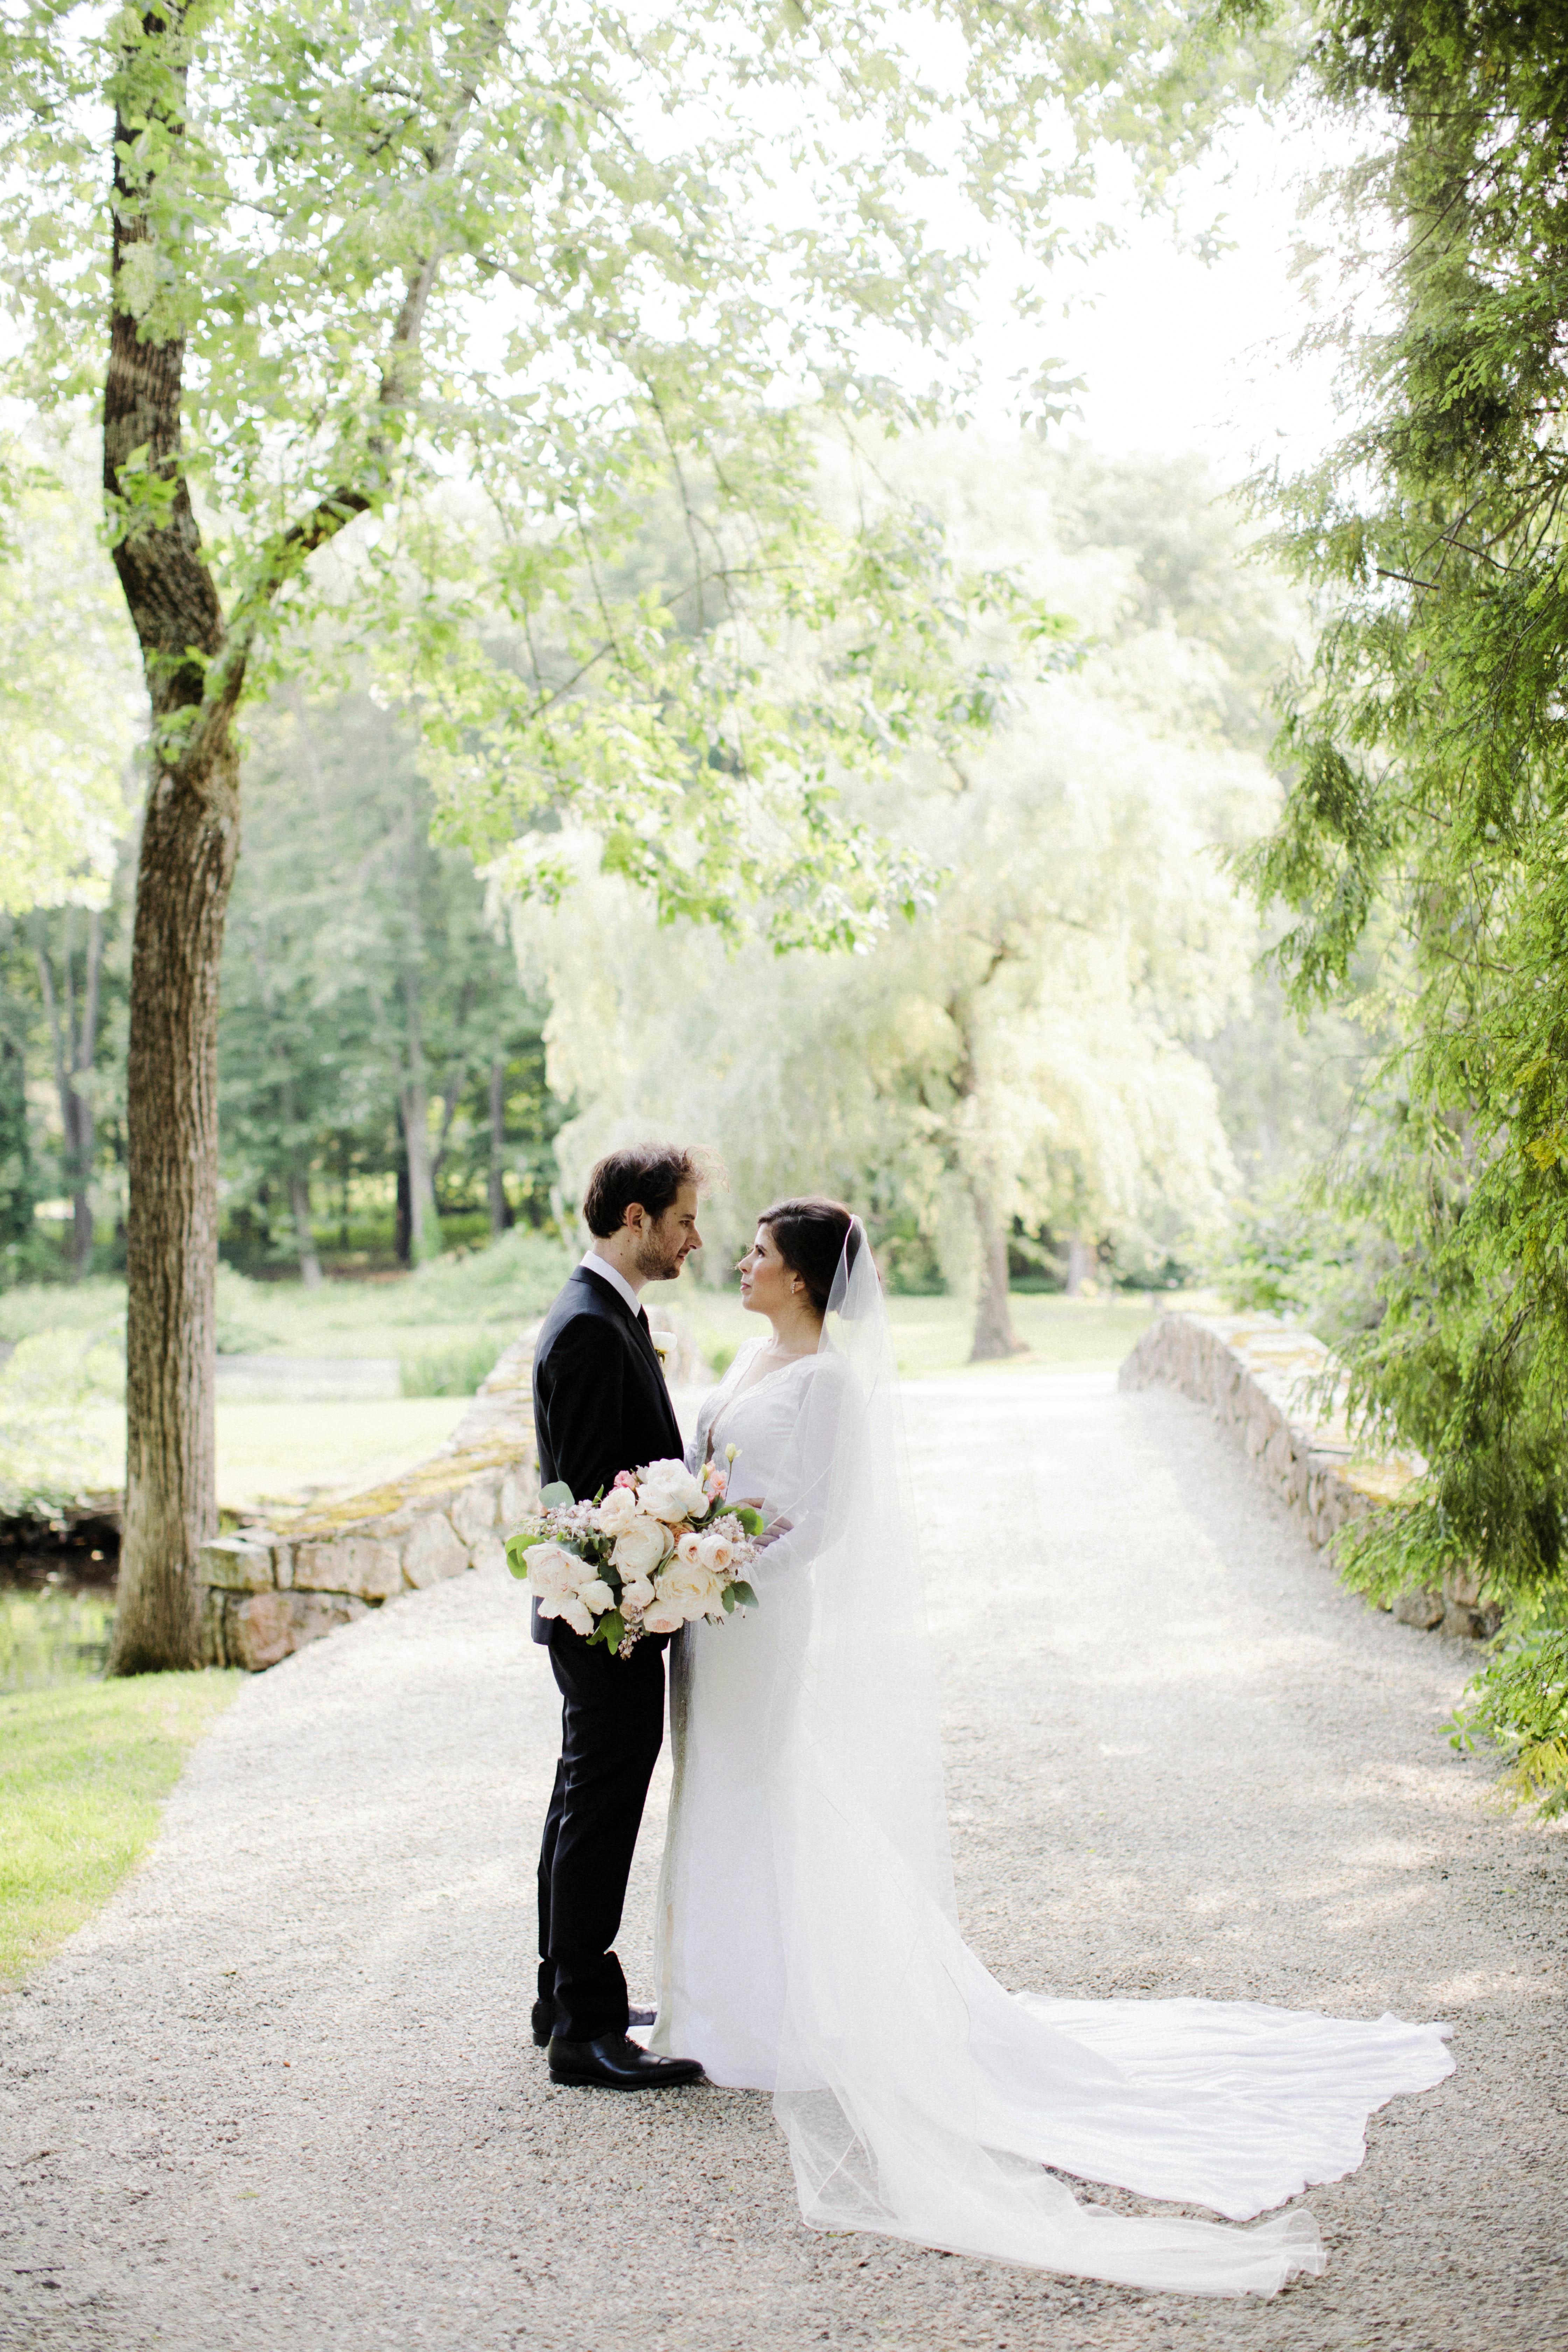 eden jack wedding couple facing each other